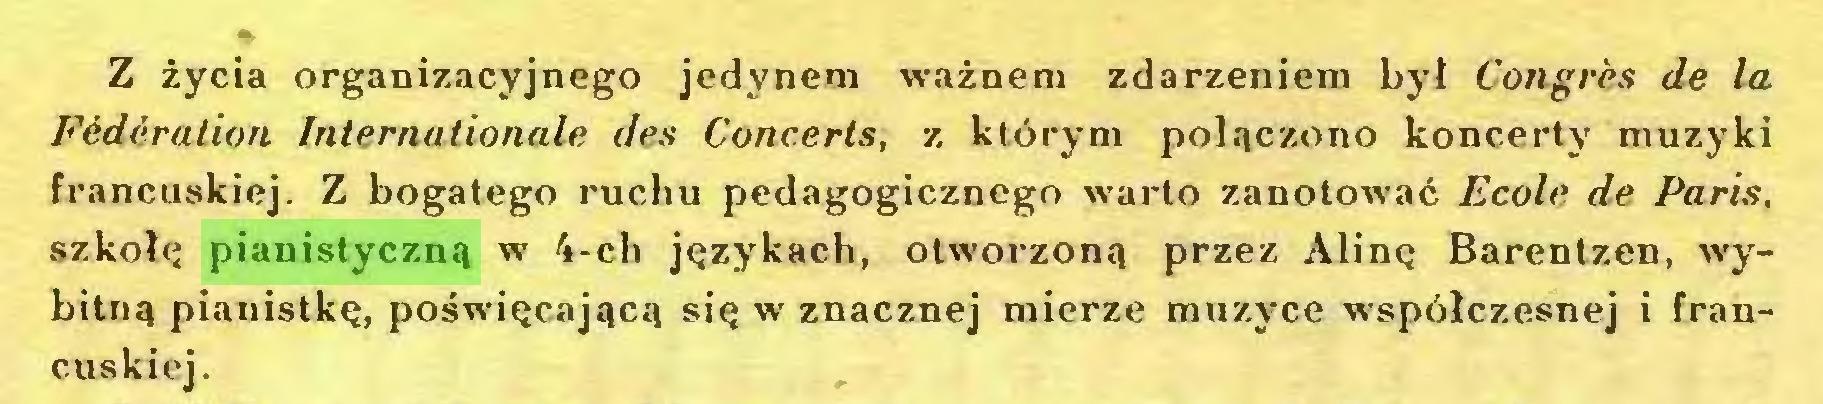 (...) Z życia organizacyjnego jedynem ważnem zdarzeniem był Congrès de la Fédération Internationale des Concerts, z którym połączono koncerty muzyki francuskiej. Z bogatego ruchu pedagogicznego warto zanotować Ecole de Paris, szkołę pianistyczną w 4-ch językach, otworzoną przez Alinę Barentzen, wybitną pianistkę, poświęcającą się w znacznej mierze muzyce współczesnej i francuskiej...